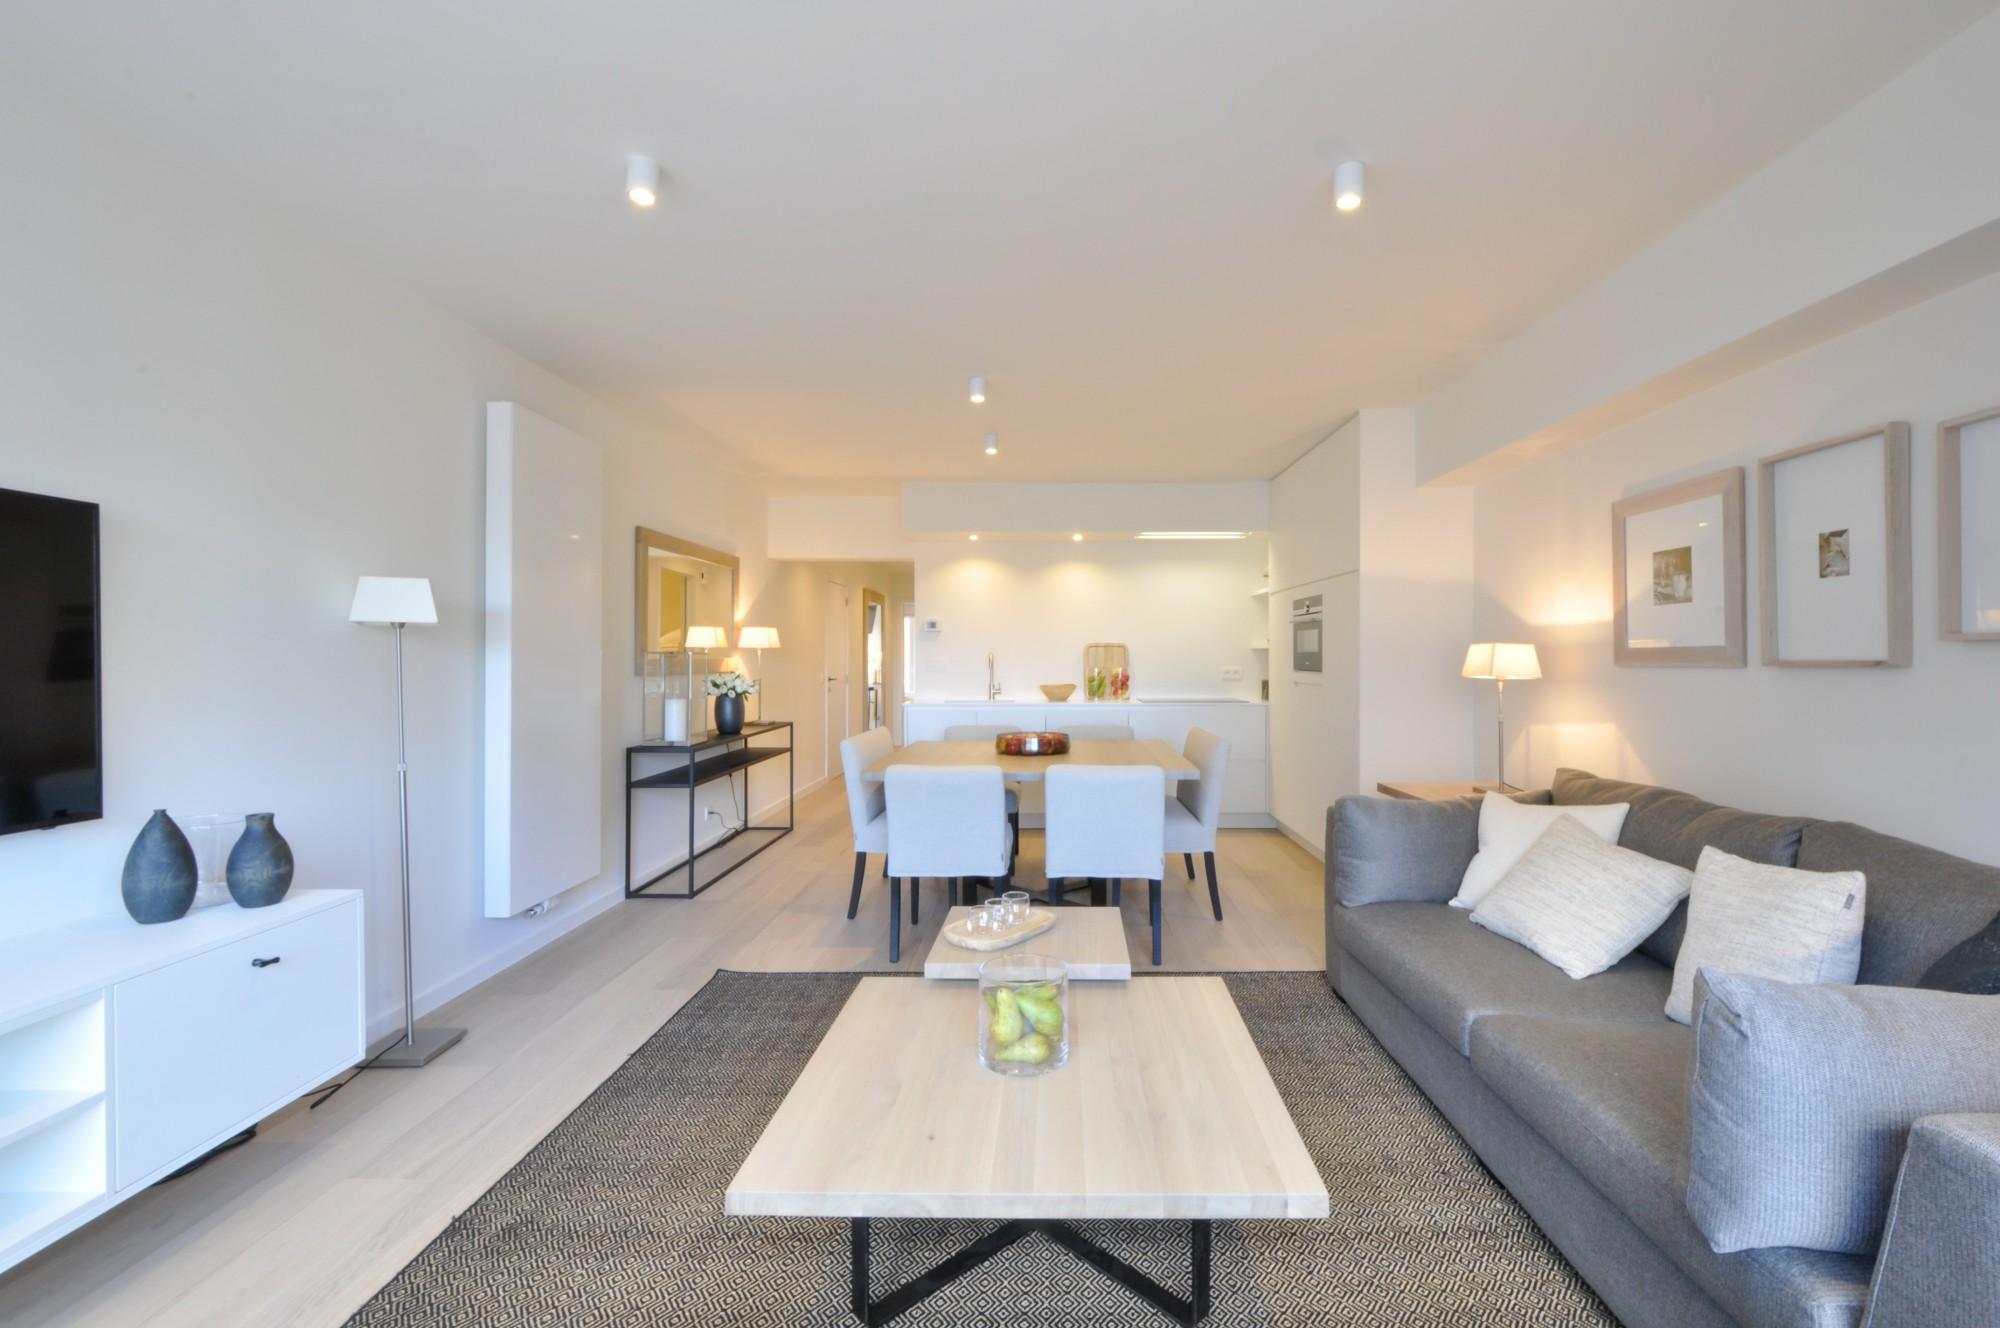 Renovatie Badkamer Knokke : Verkoop appartement t f knokke heist prachtige renovatie